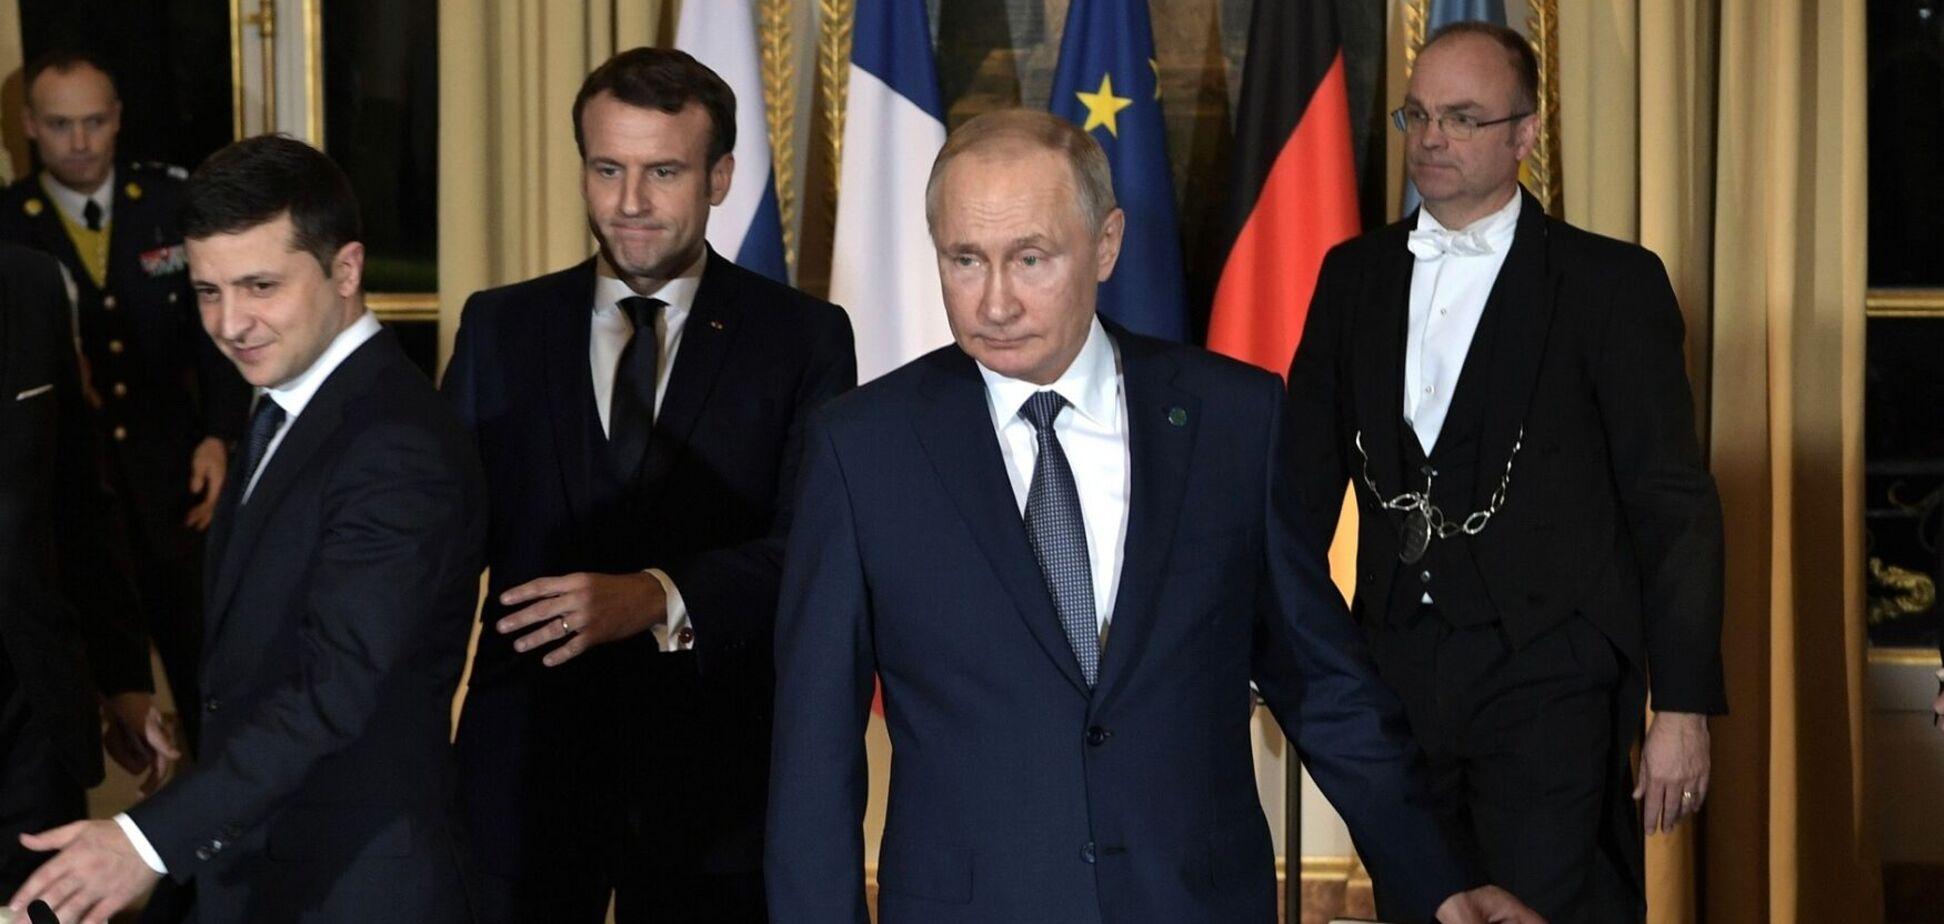 Последняя встреча в 'нормандском формате' прошла 9 декабря 2019 года в Париже